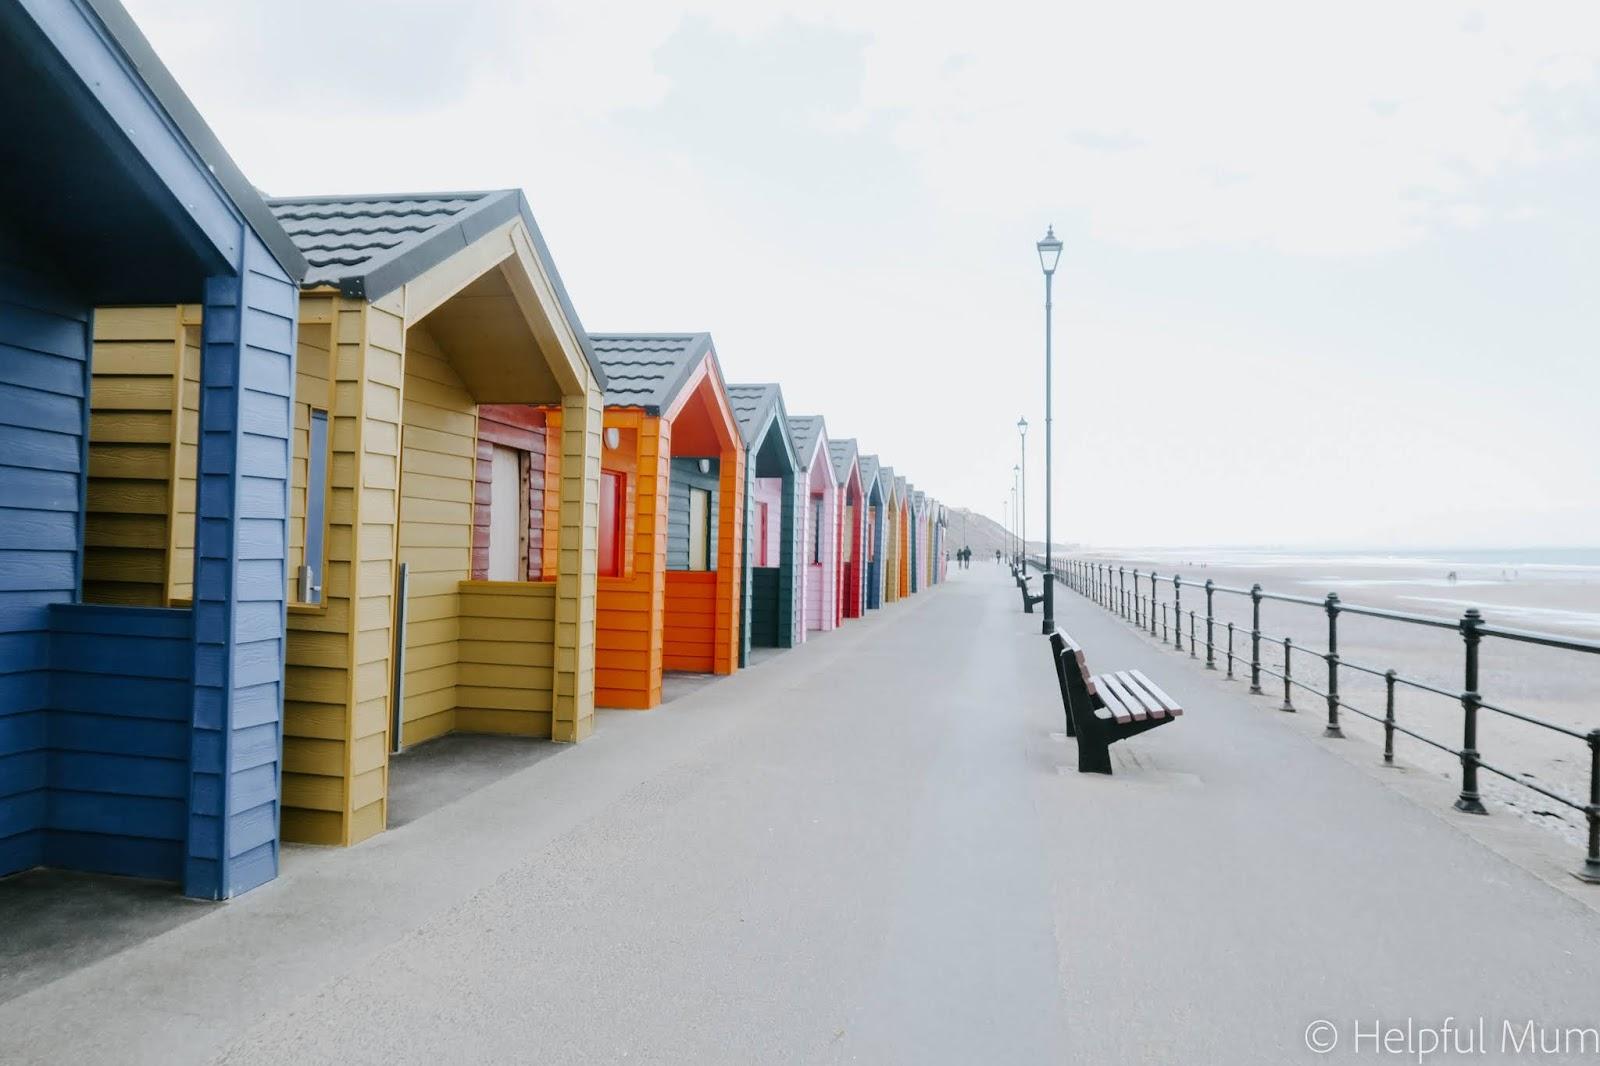 Beach huts saltburn